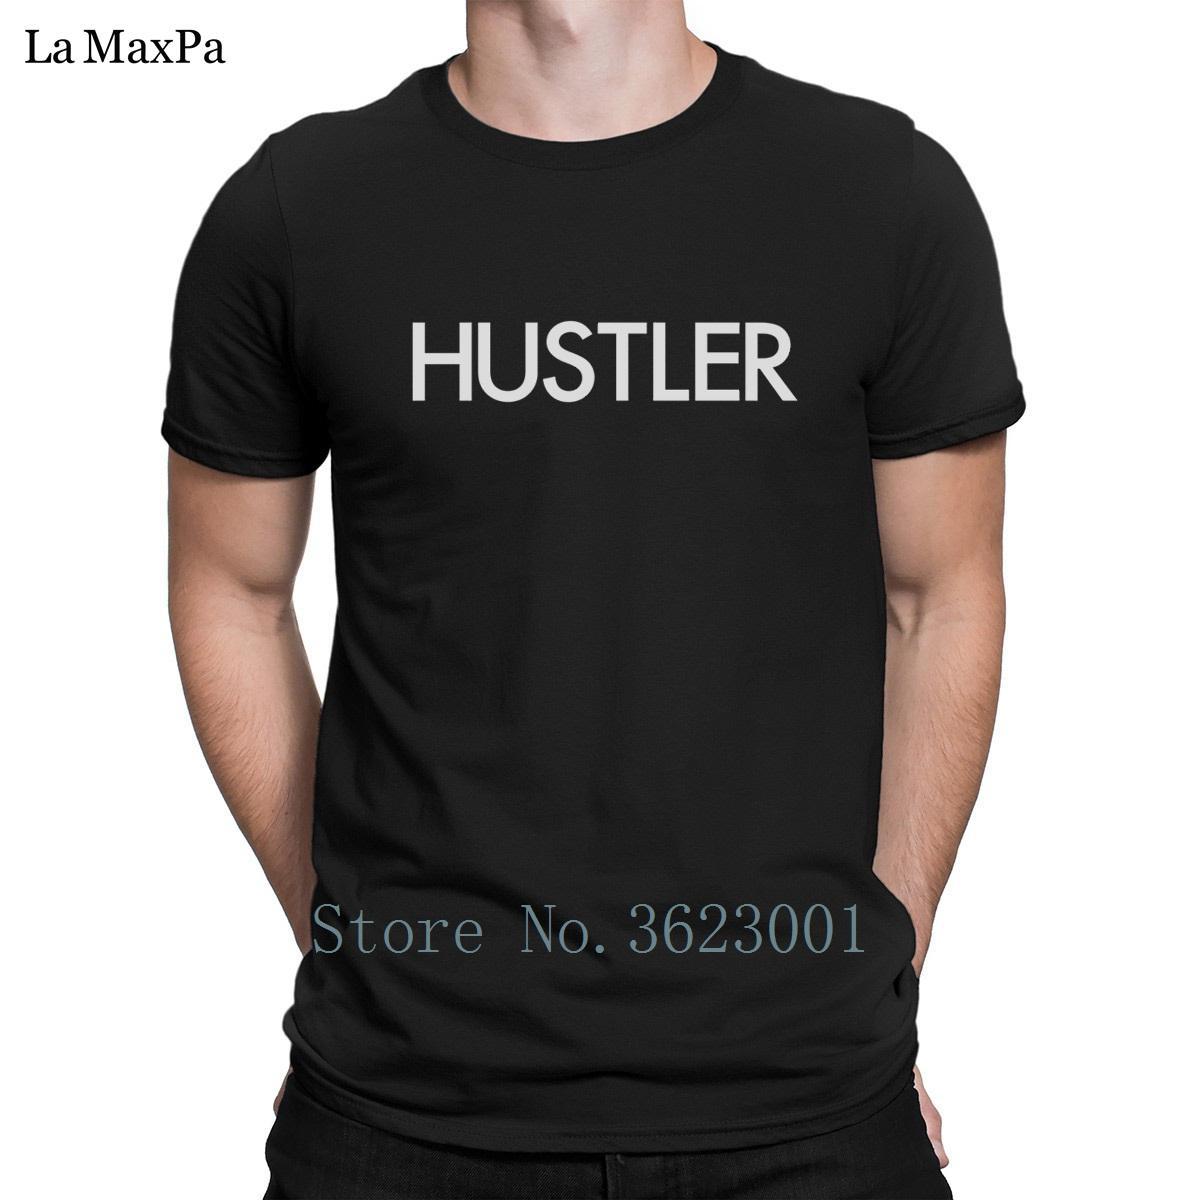 großhandel persönlichkeit slim t shirt für männer hustler t shirt herren  frühling t shirt marken männer t shirt plus größe 3xl billig von  dzuprightf,